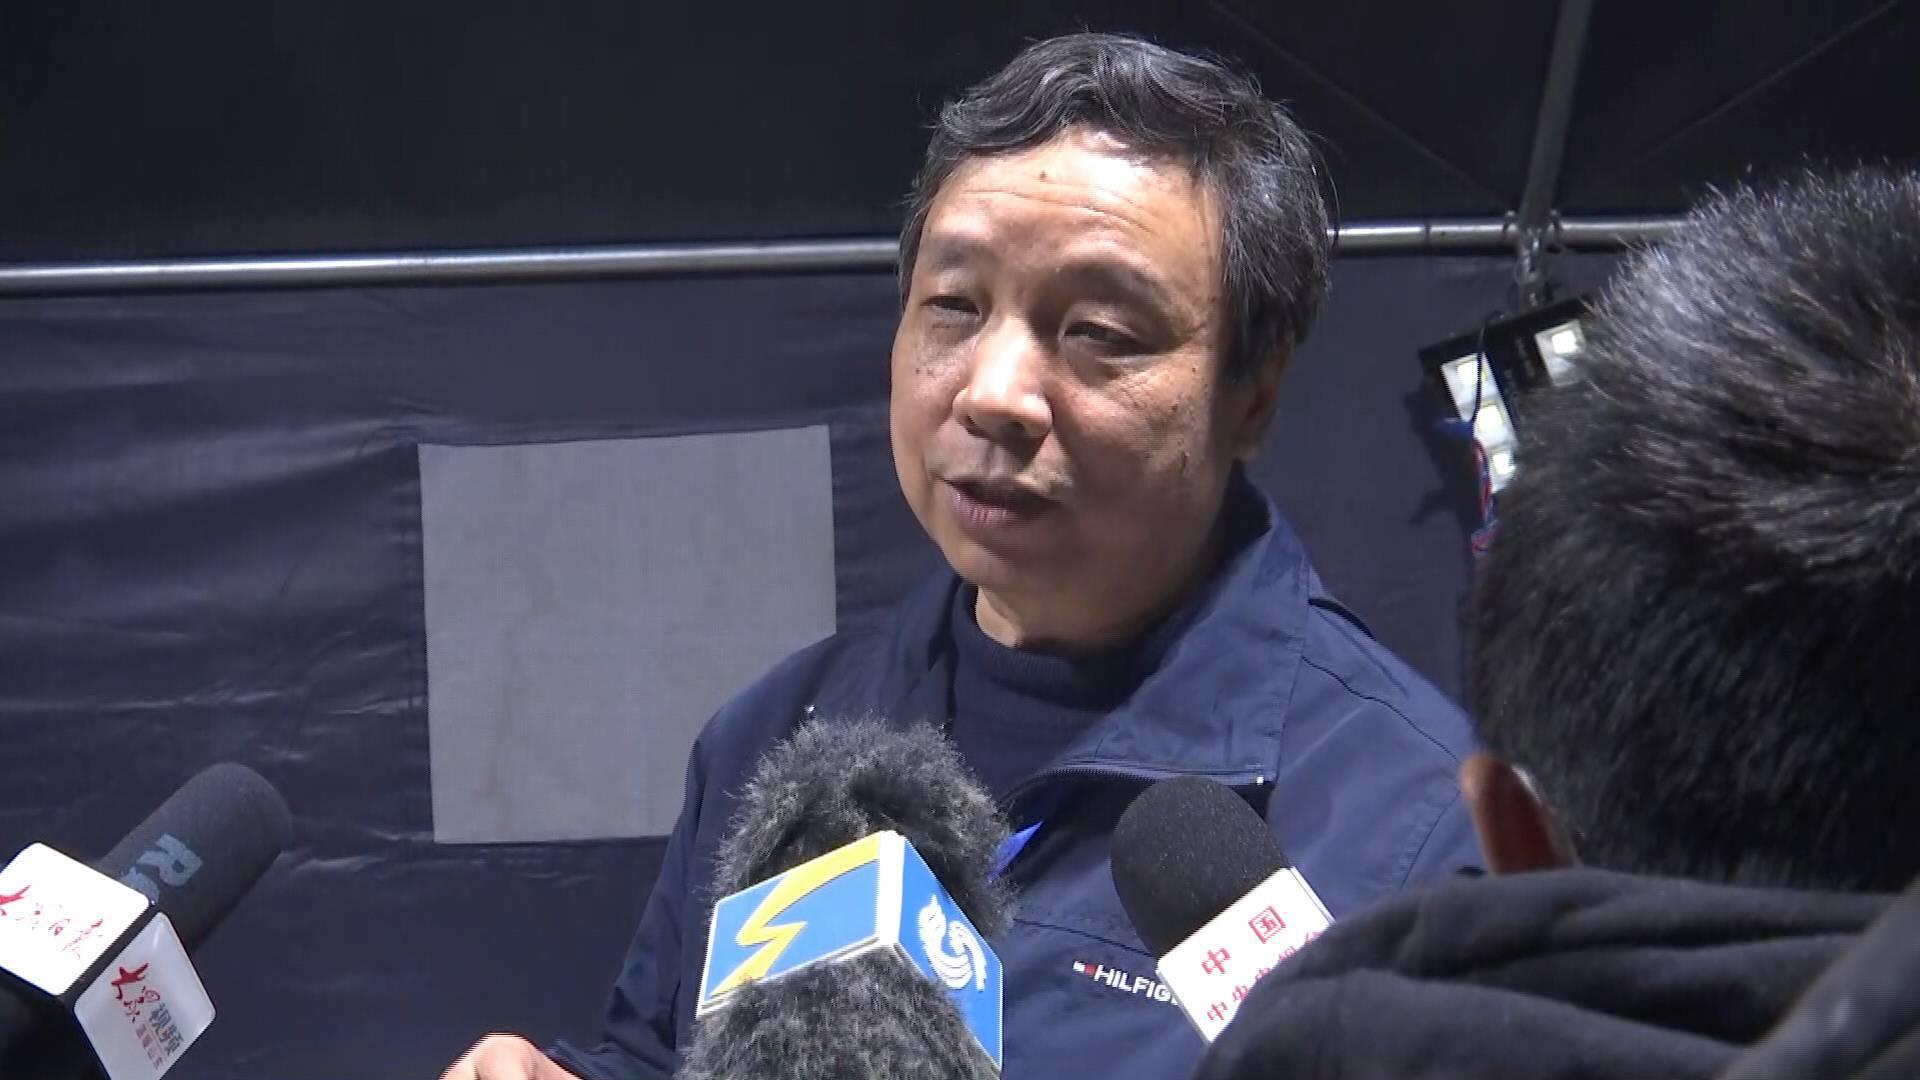 栖霞金矿事故救援组长:生命救援通道实施困难是从来没有遇见过的